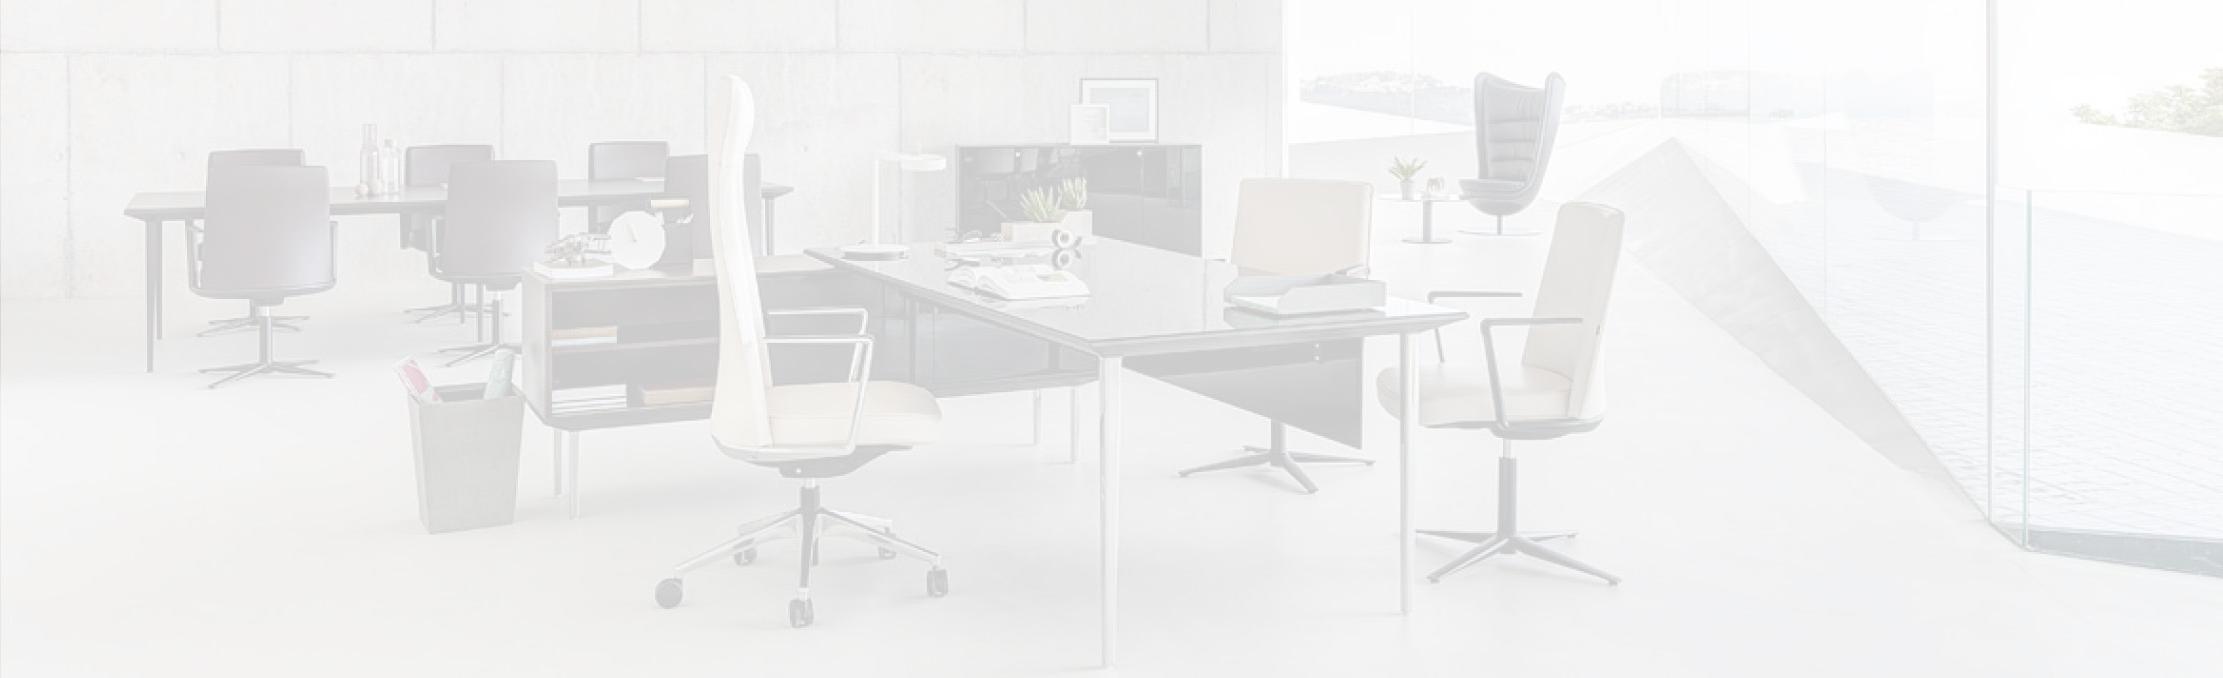 Muebles Oficina Valencia Txdf Muebles De Oficina En Valencia Muebles Montiel Muebles De